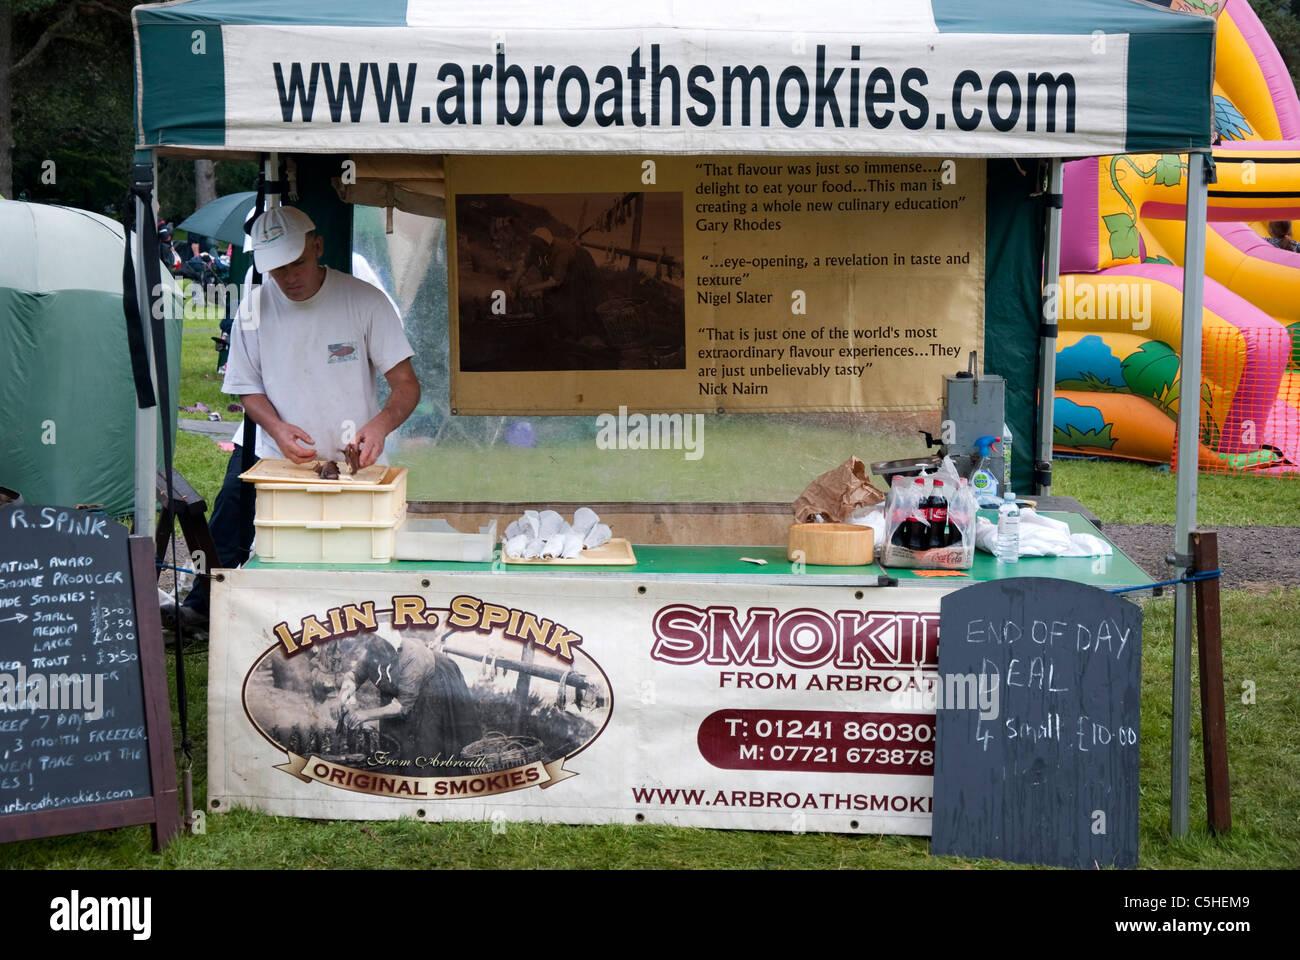 Iain R Spink Arbroath Smokies Stall - Stock Image